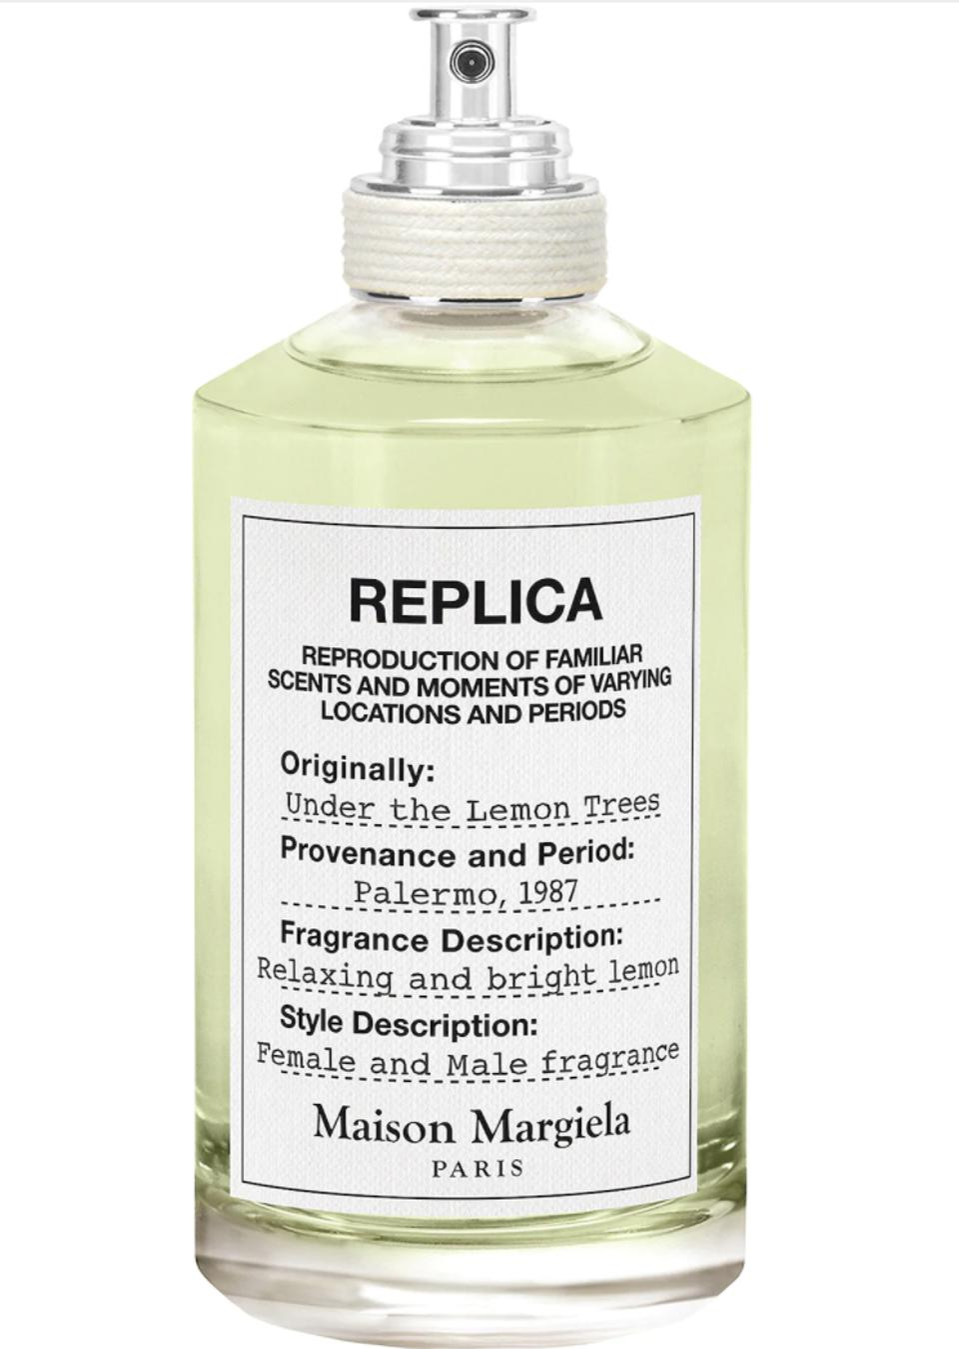 Maison Margiela REPLICA Under the Lemon Trees Eau de Toilette (3.4 oz.)